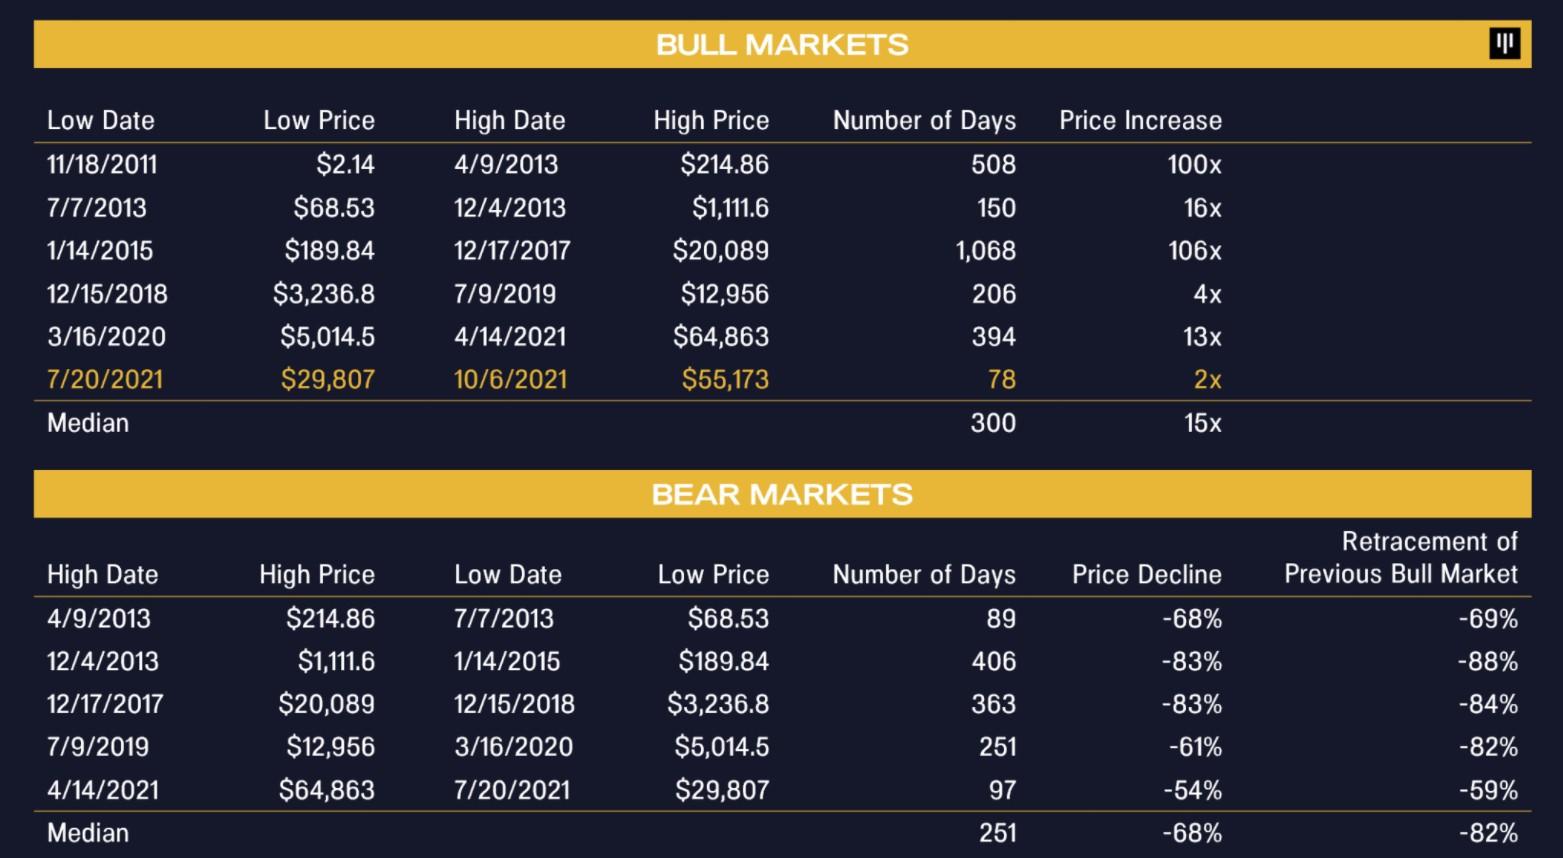 Zestawienie danych z rynku niedźwiedzia z rynkiem byka BTC